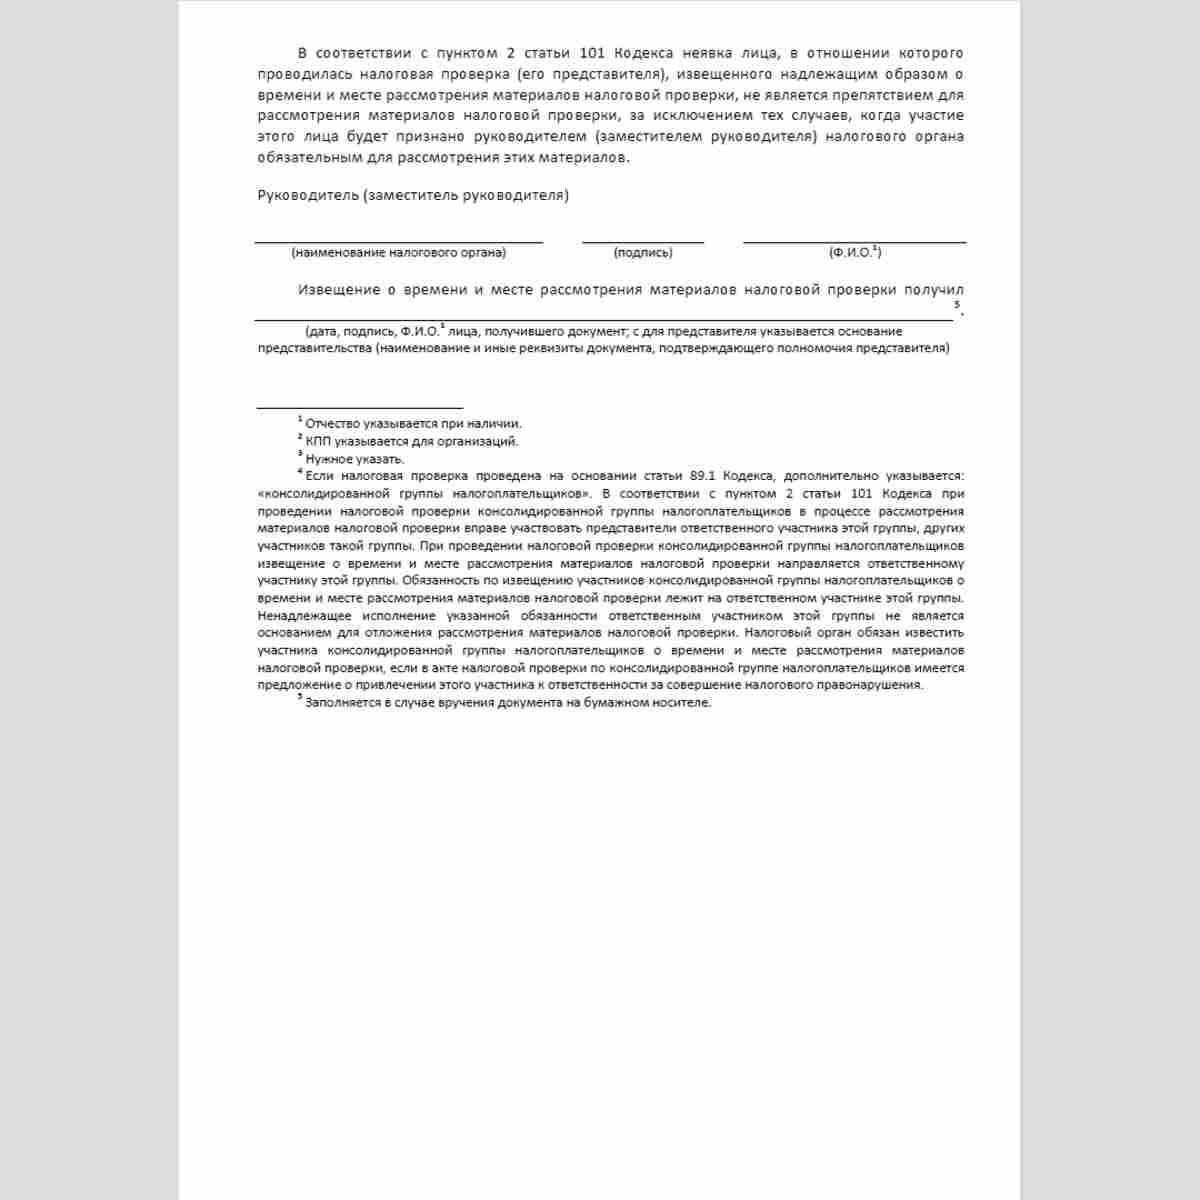 """Форма КНД 1160099 """"Извещение о времени и месте рассмотрения материалов налоговой проверки"""", Стр 2"""